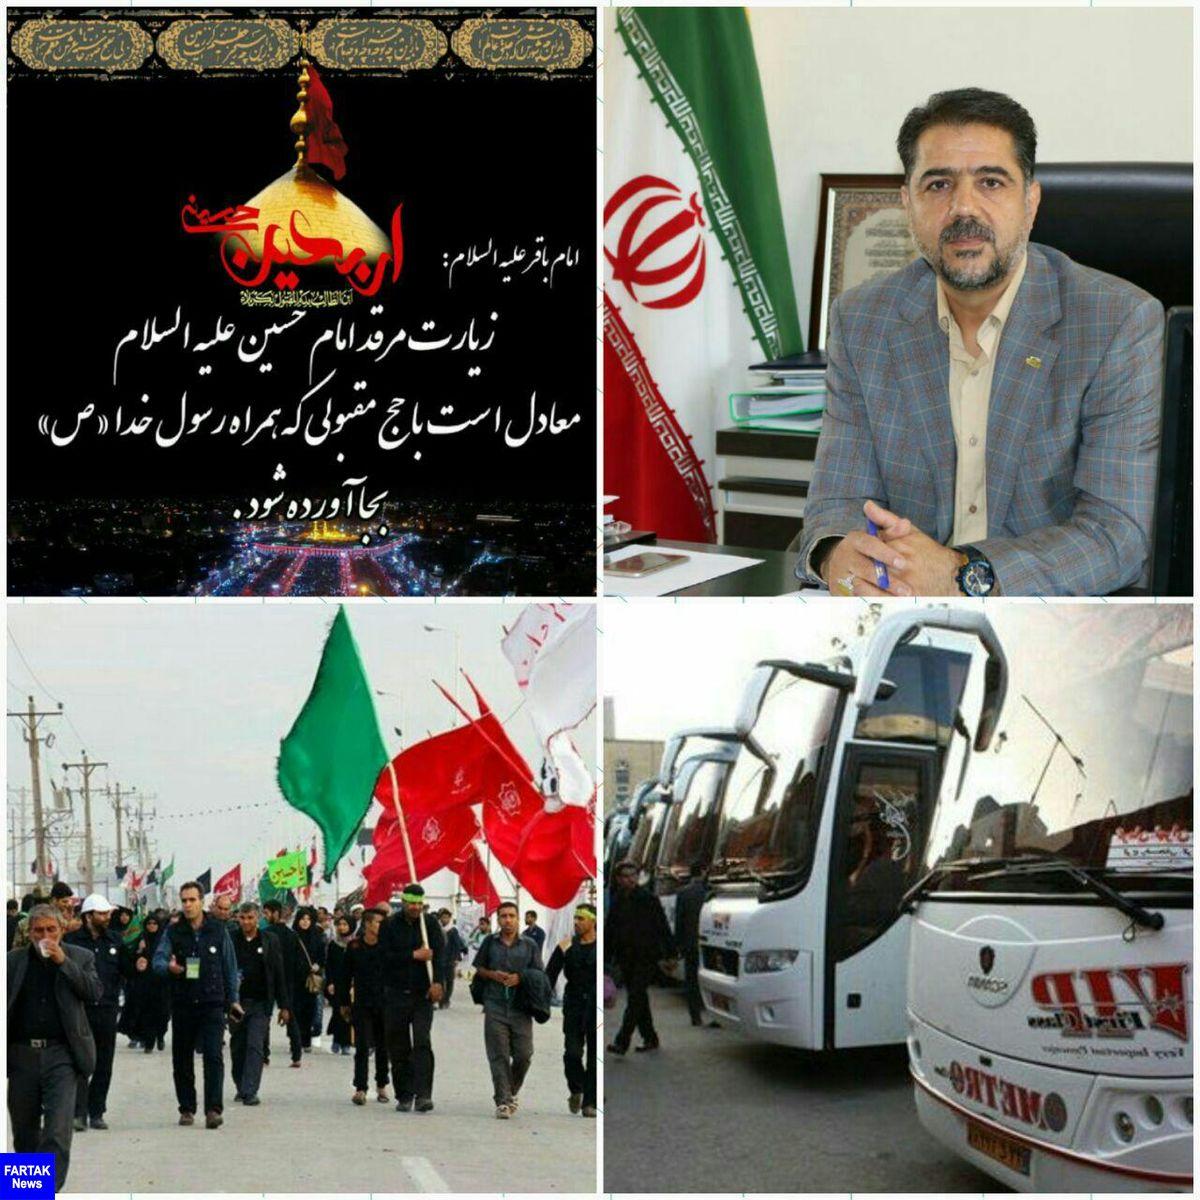 جابجایی زوار اربعین در کرمانشاه با ۲۰۰۰ دستگاه اتوبوس